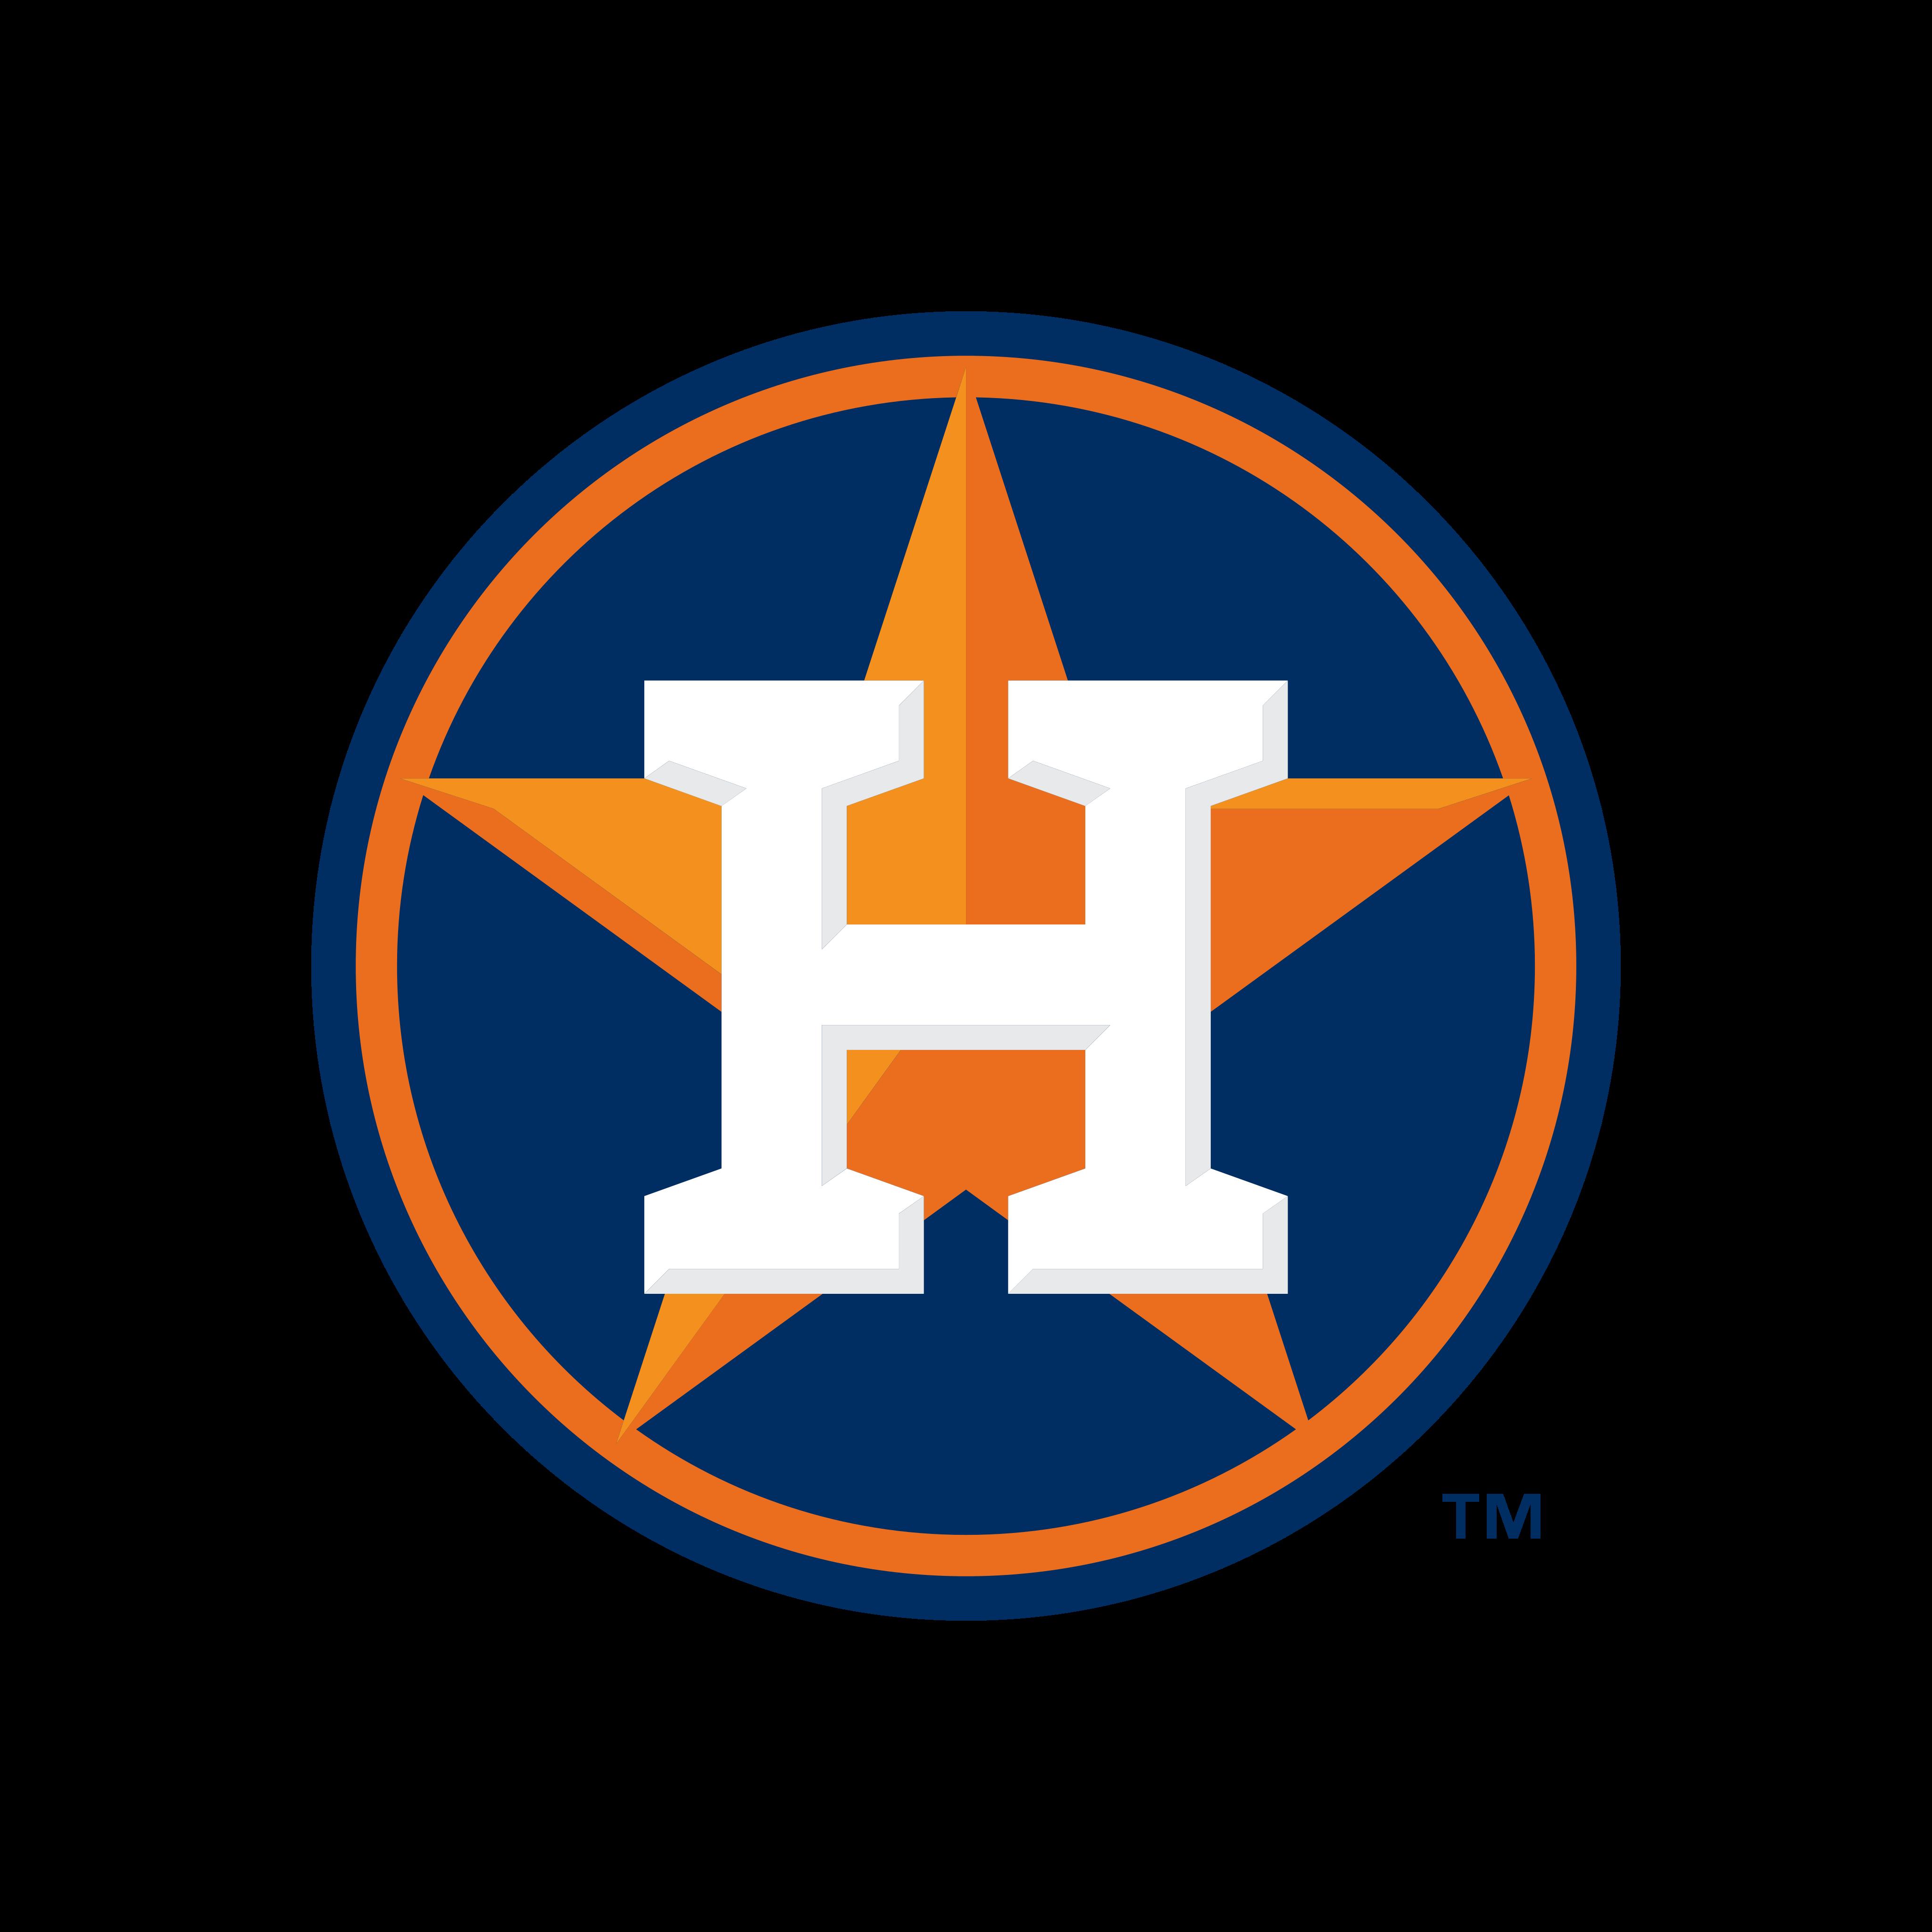 houston astros logo 0 - Houston Astros Logo